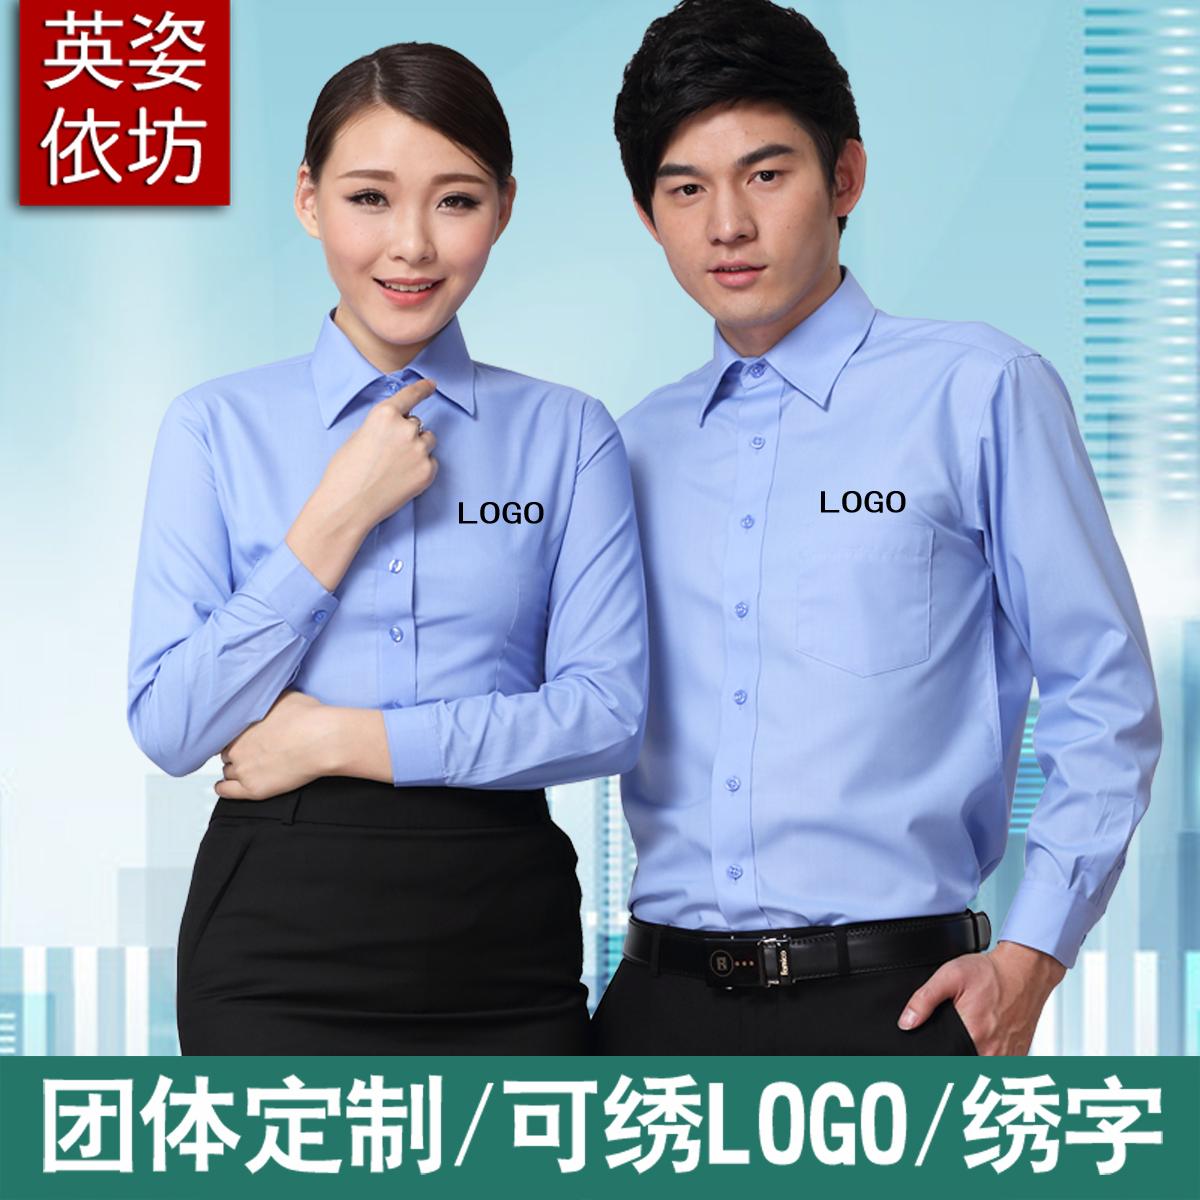 定制男女长袖纯色宽松上班衬衫物业公司酒店员工工作厂服绣LOGO字